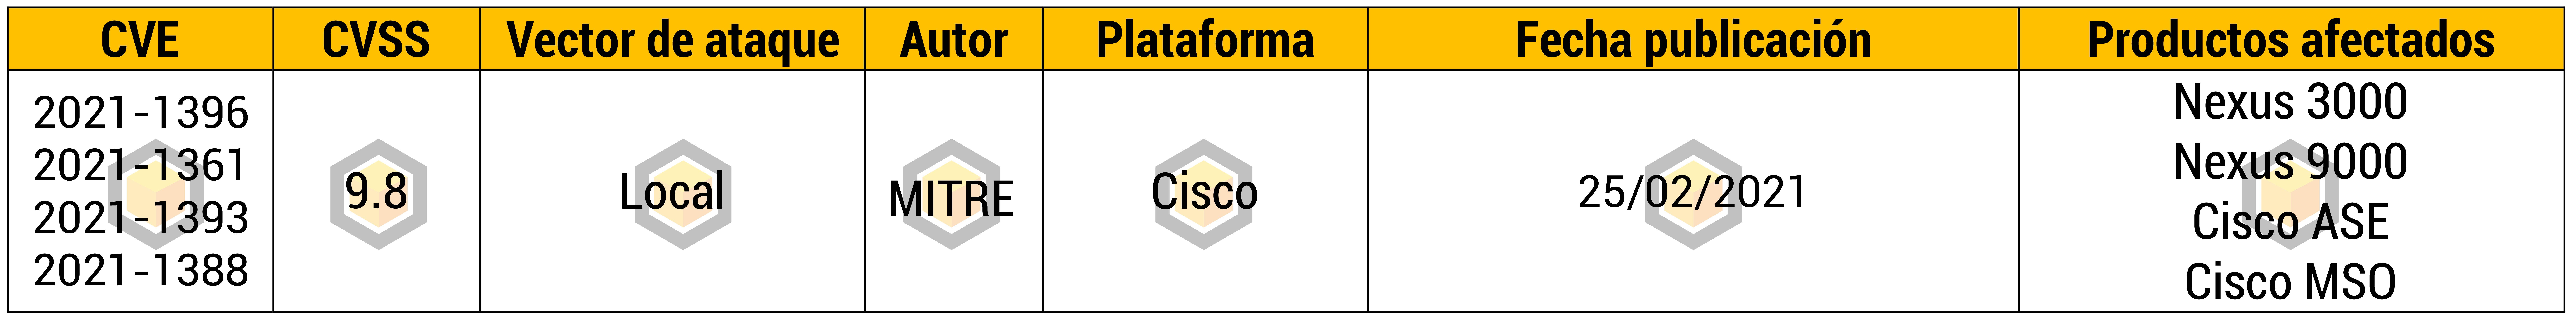 Múltiples vulnerabilidades en productos de Cisco